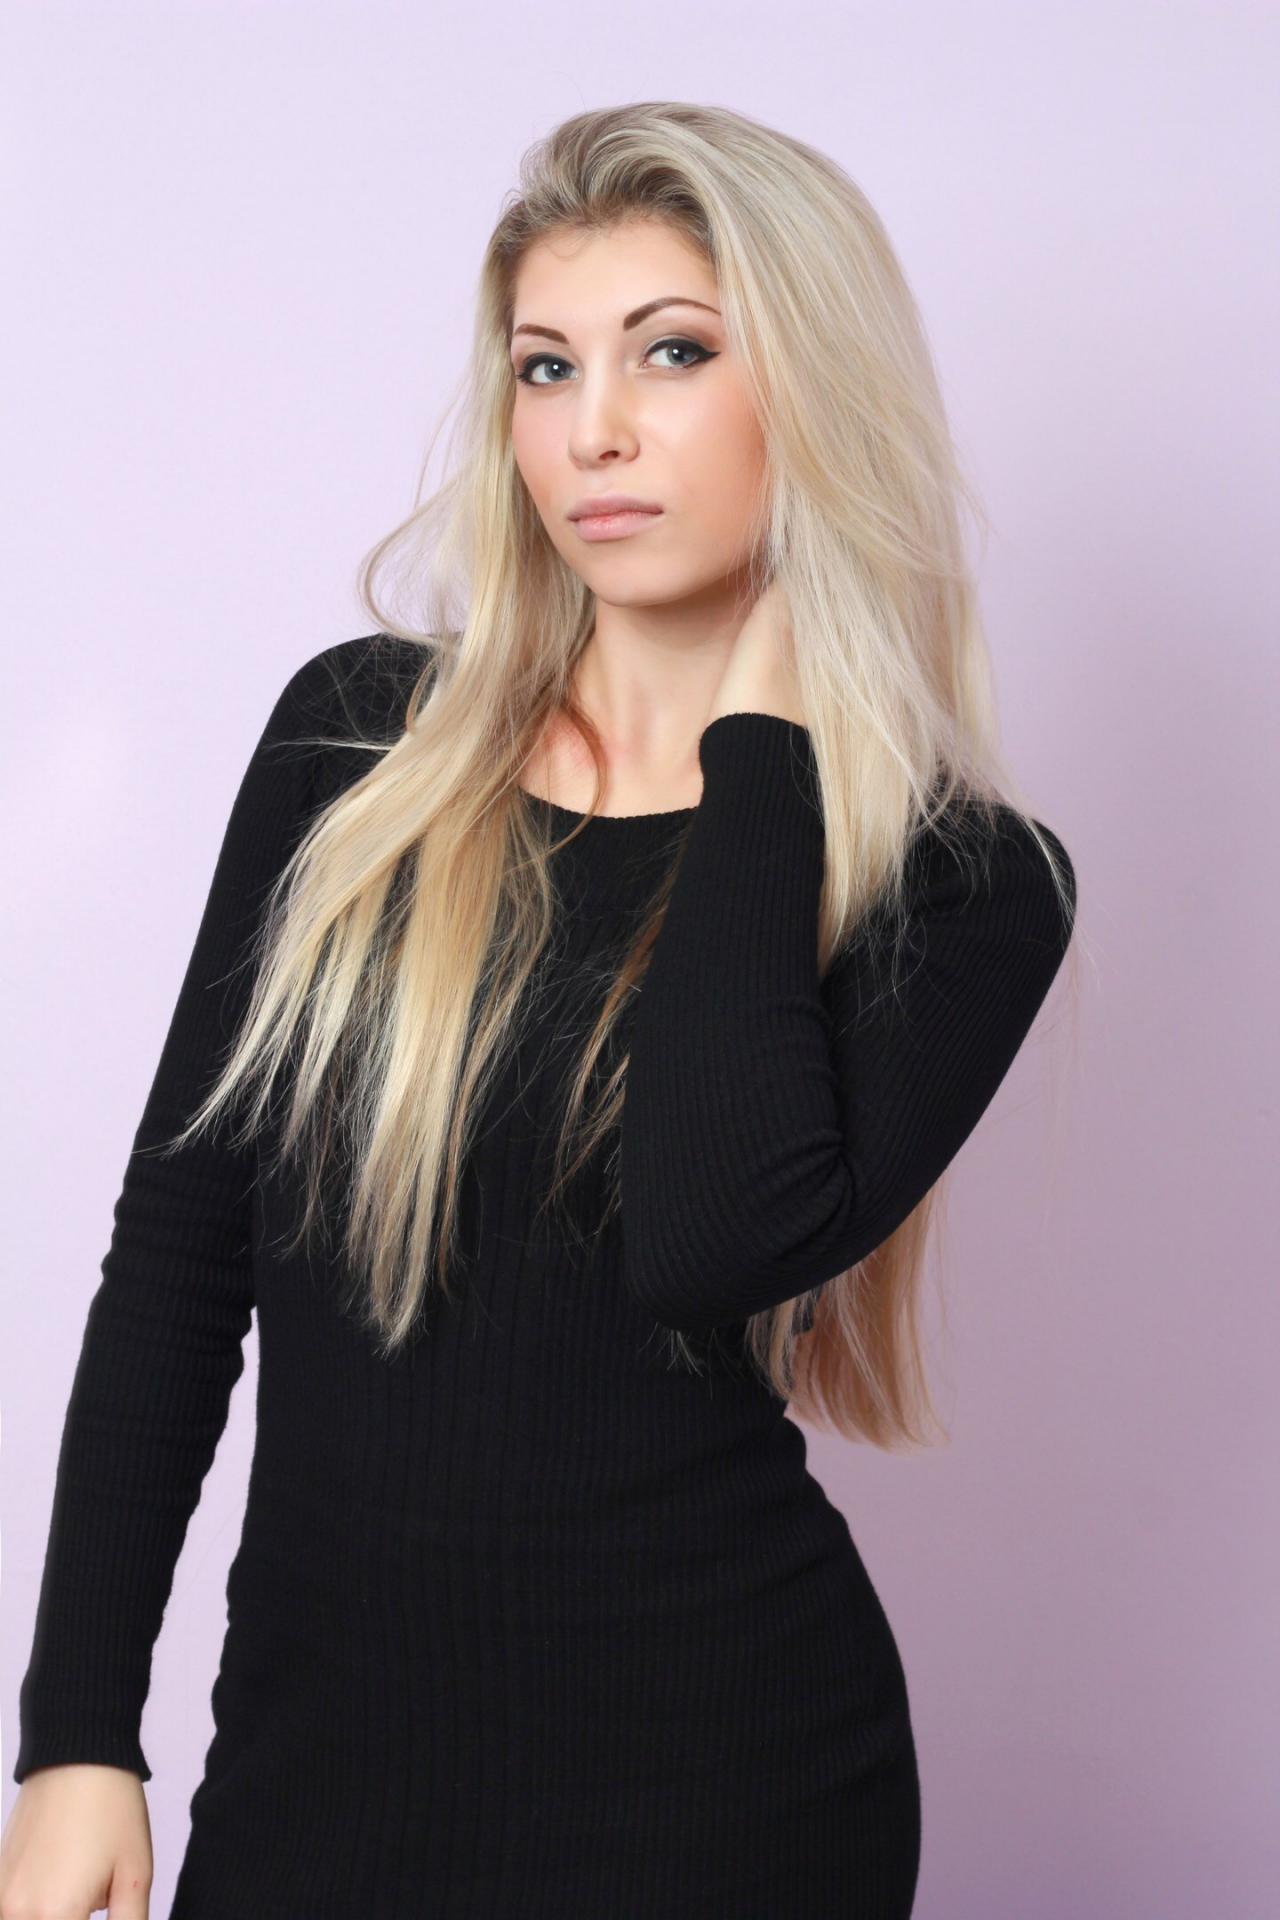 Работа моделью в москве для подростков девушка для работы симферополь